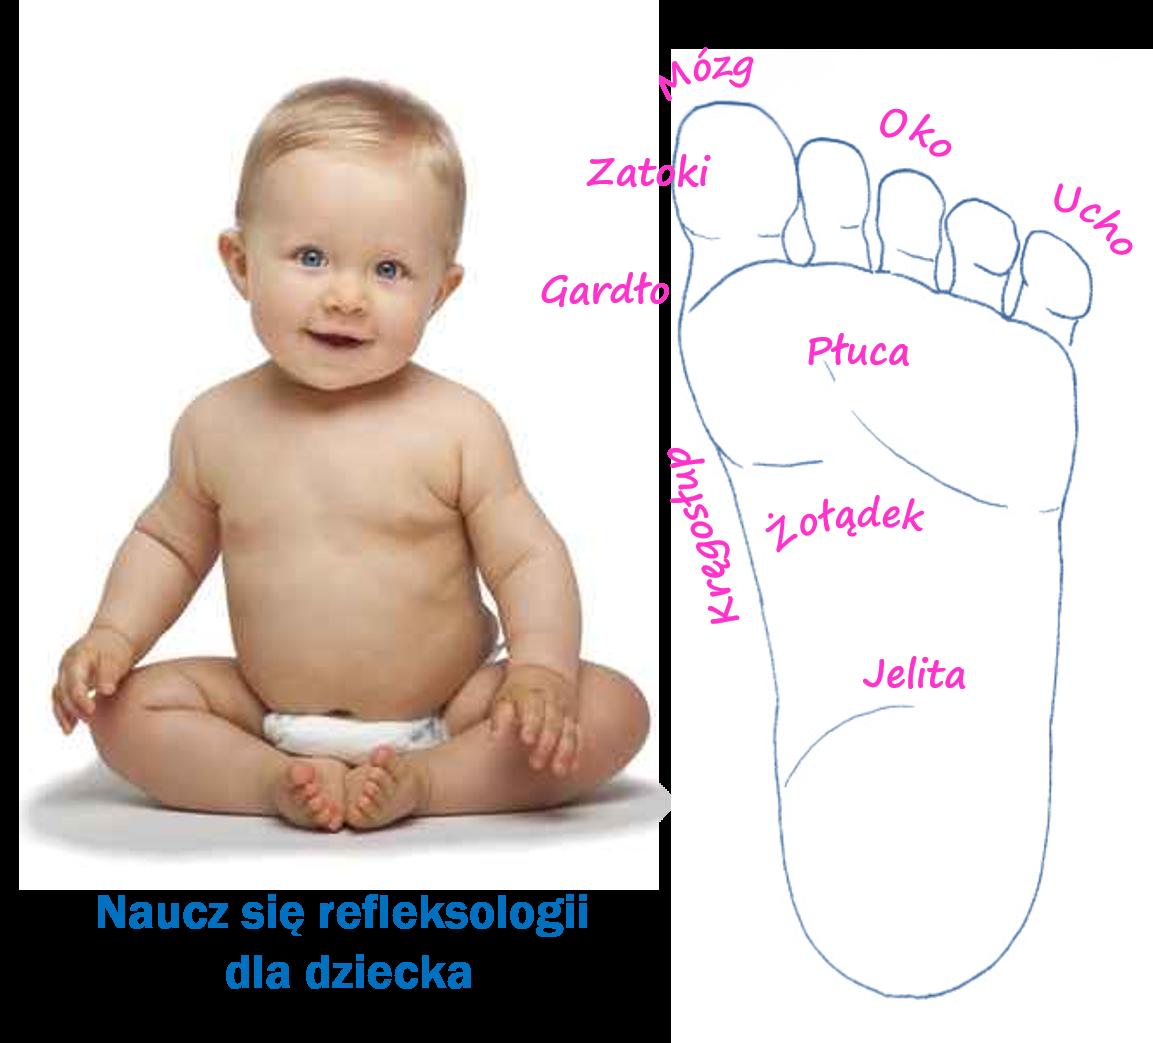 Refleksologia udzieci – korzyści zmasażu stóp dziecka